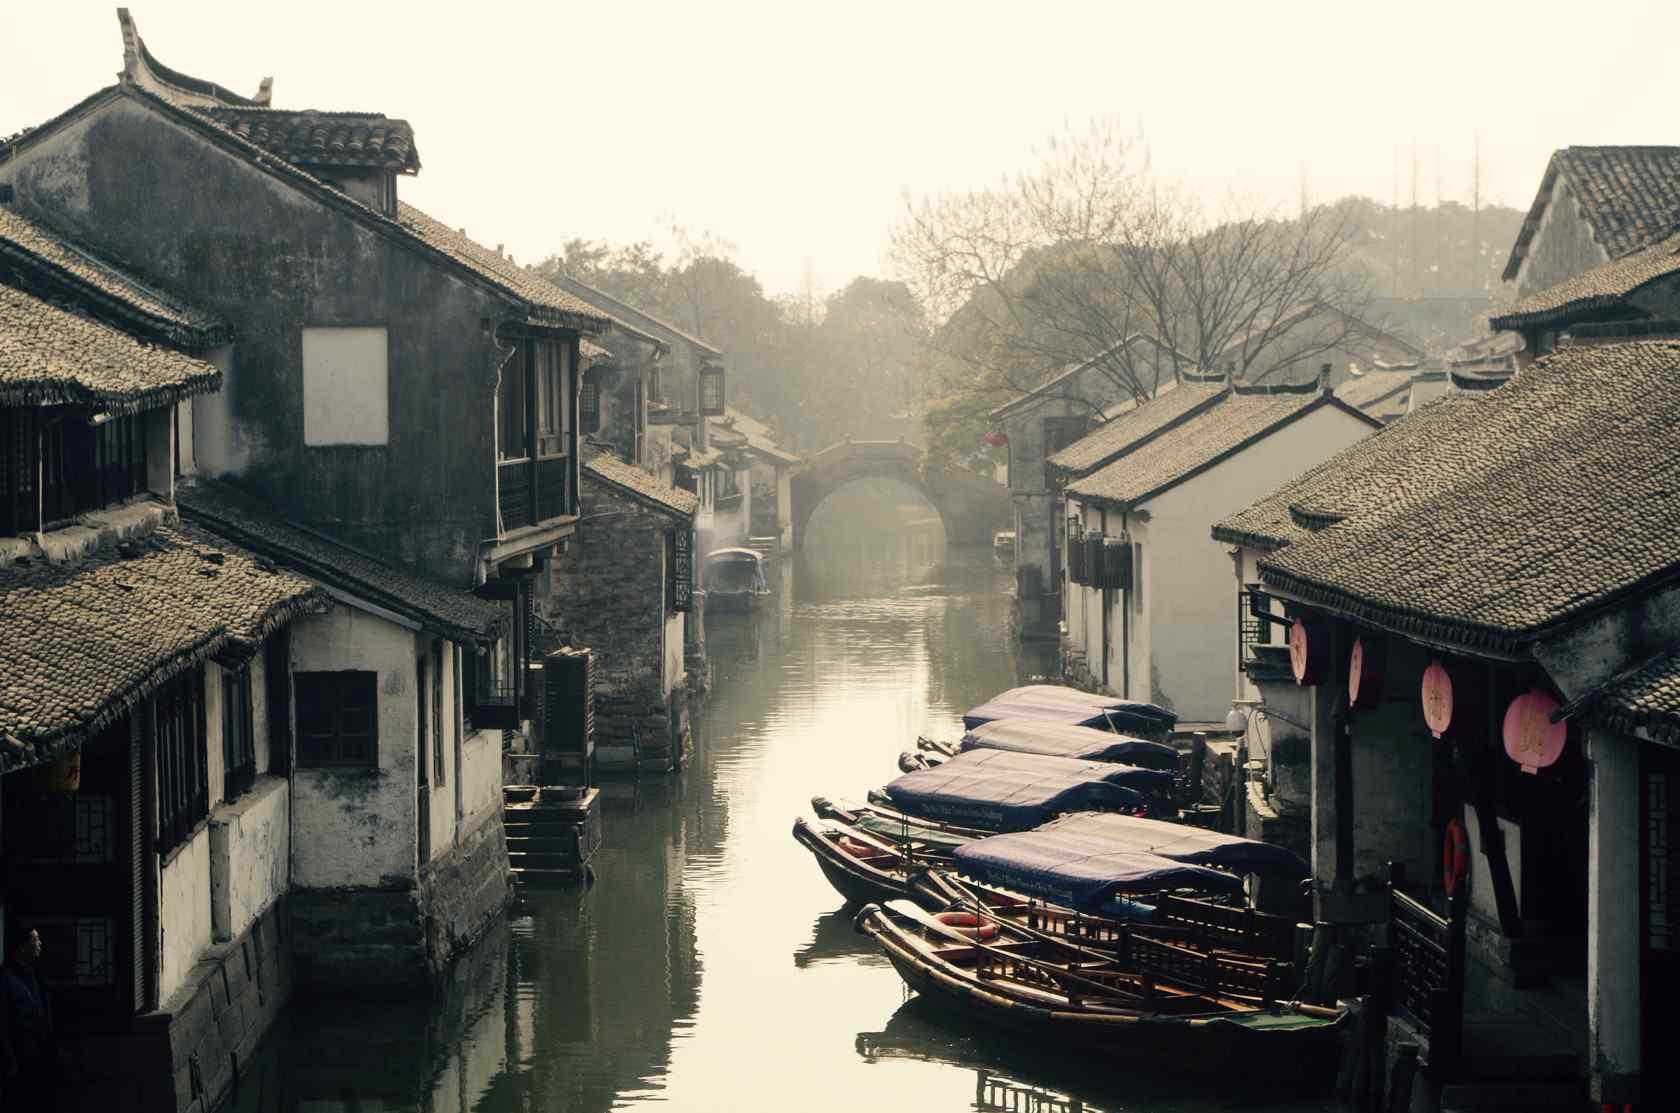 江南水乡情之苏州周庄风景壁纸